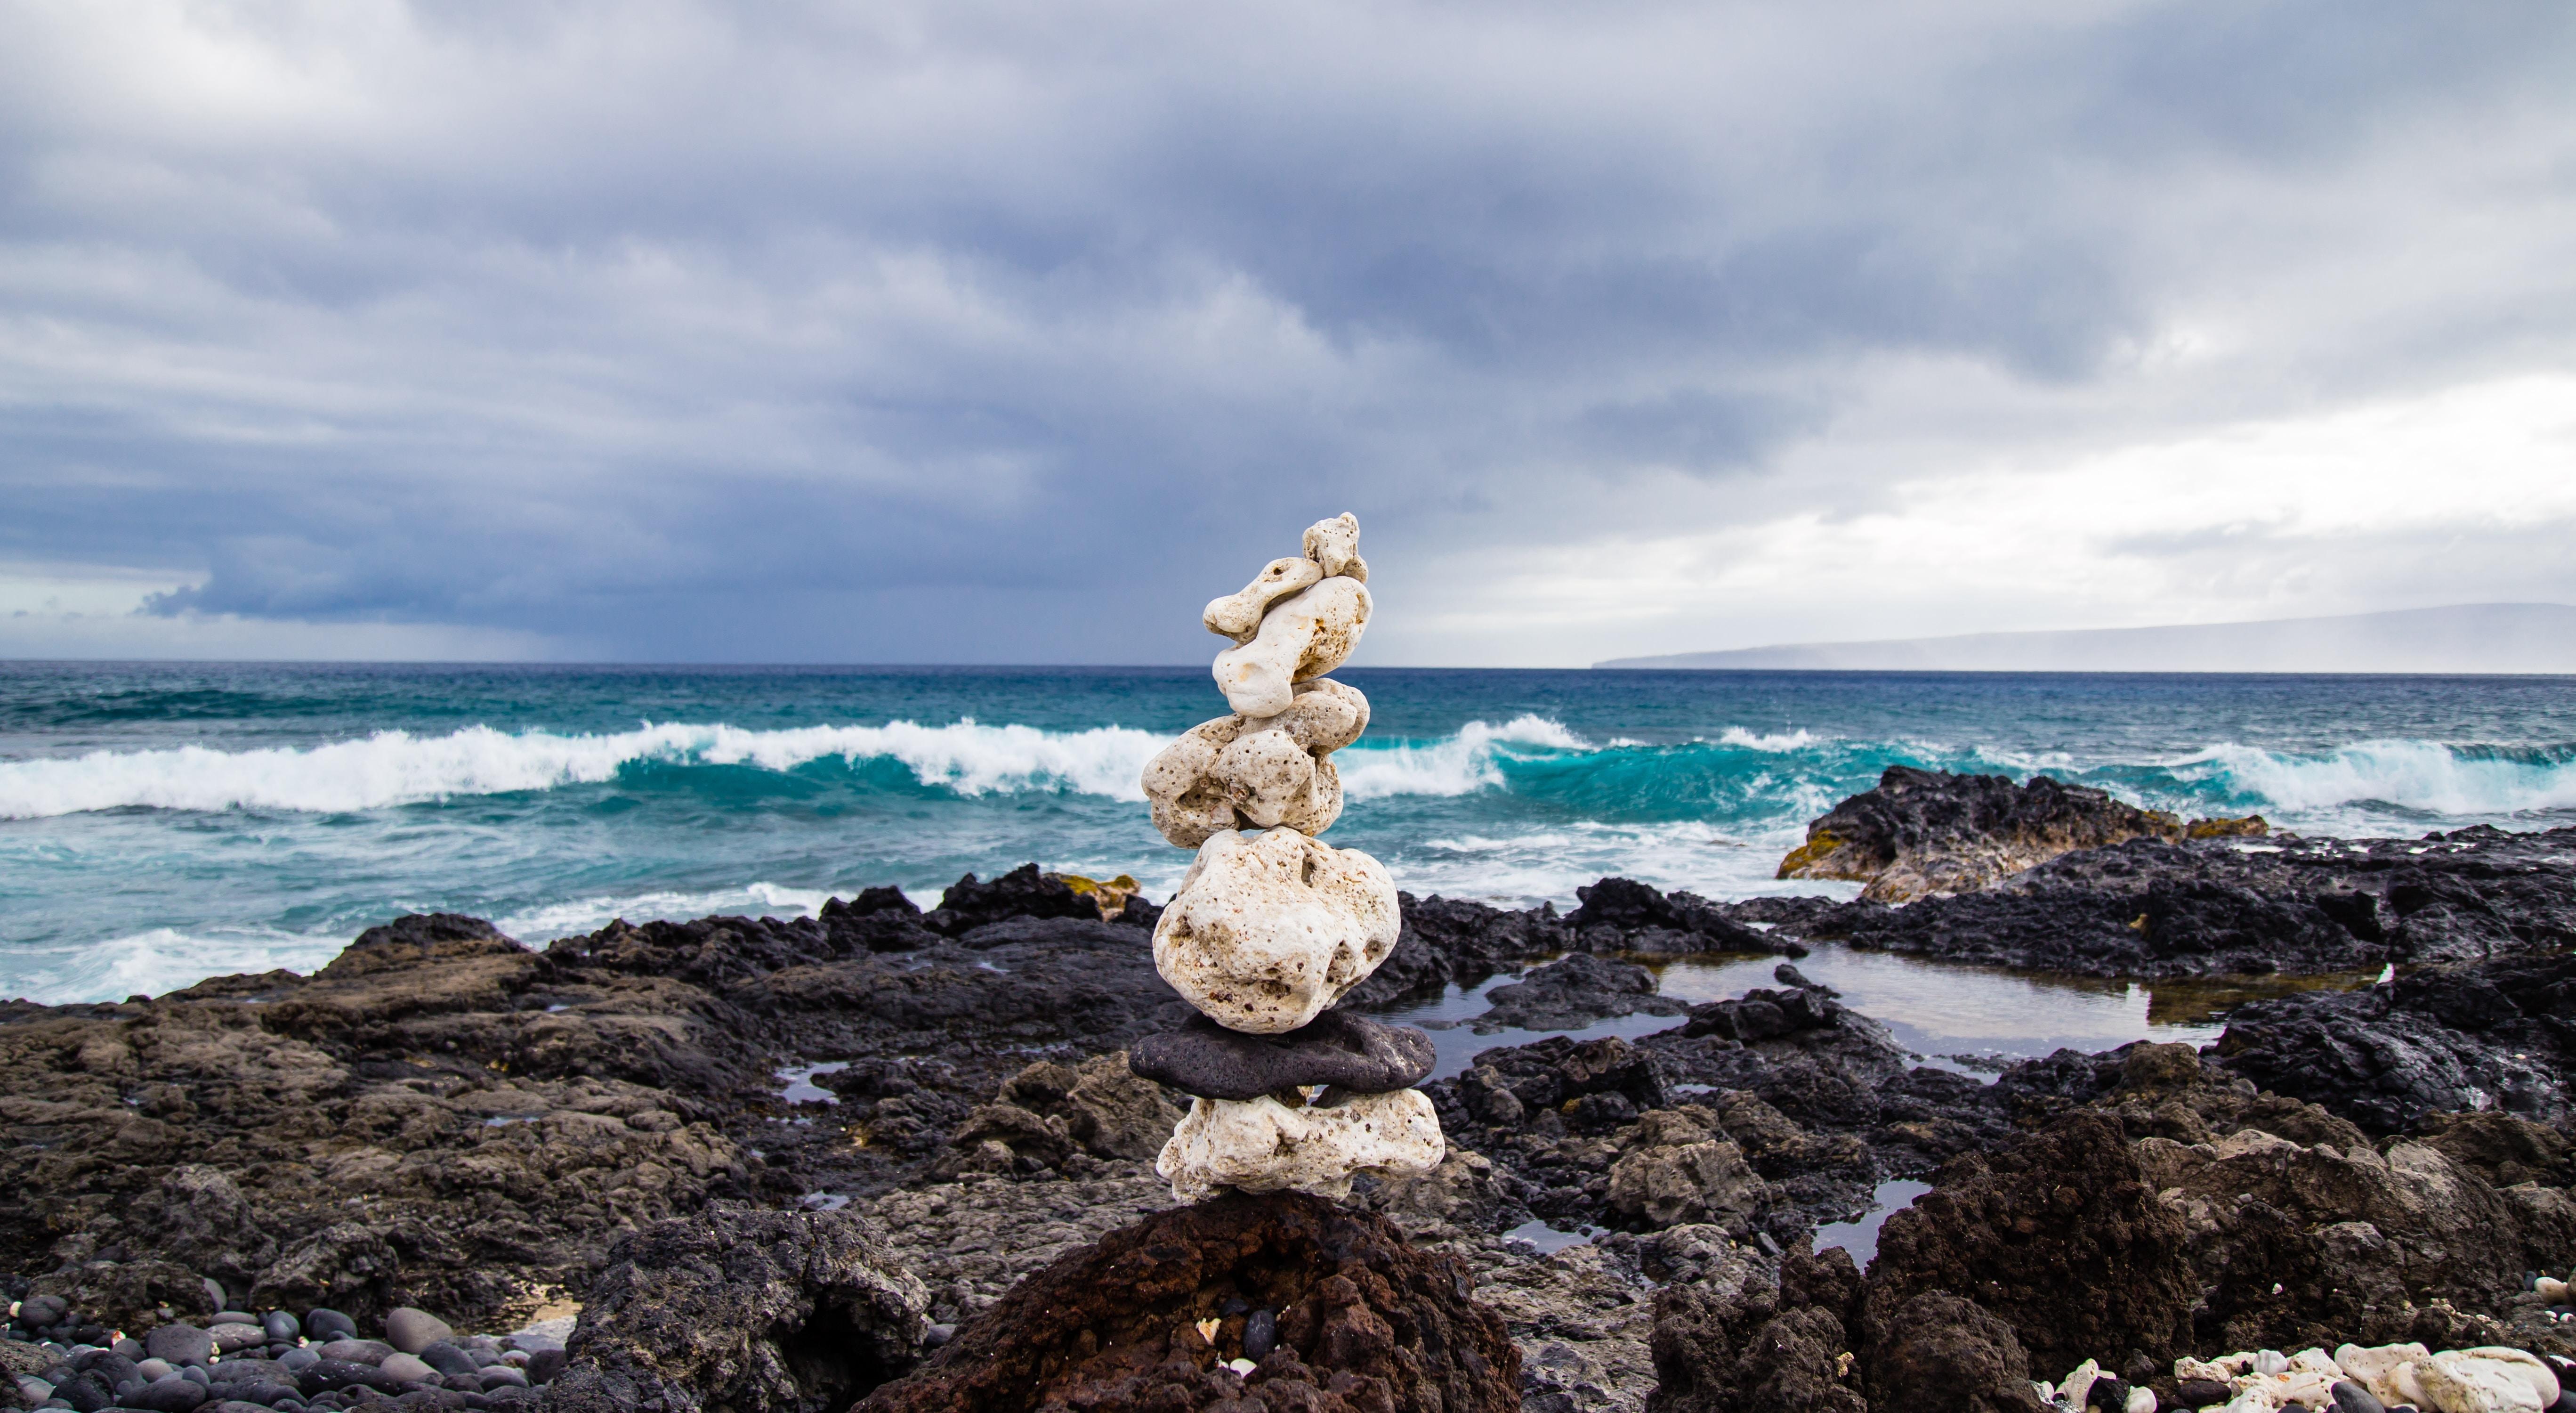 пляж берег камни море  № 1955939 бесплатно